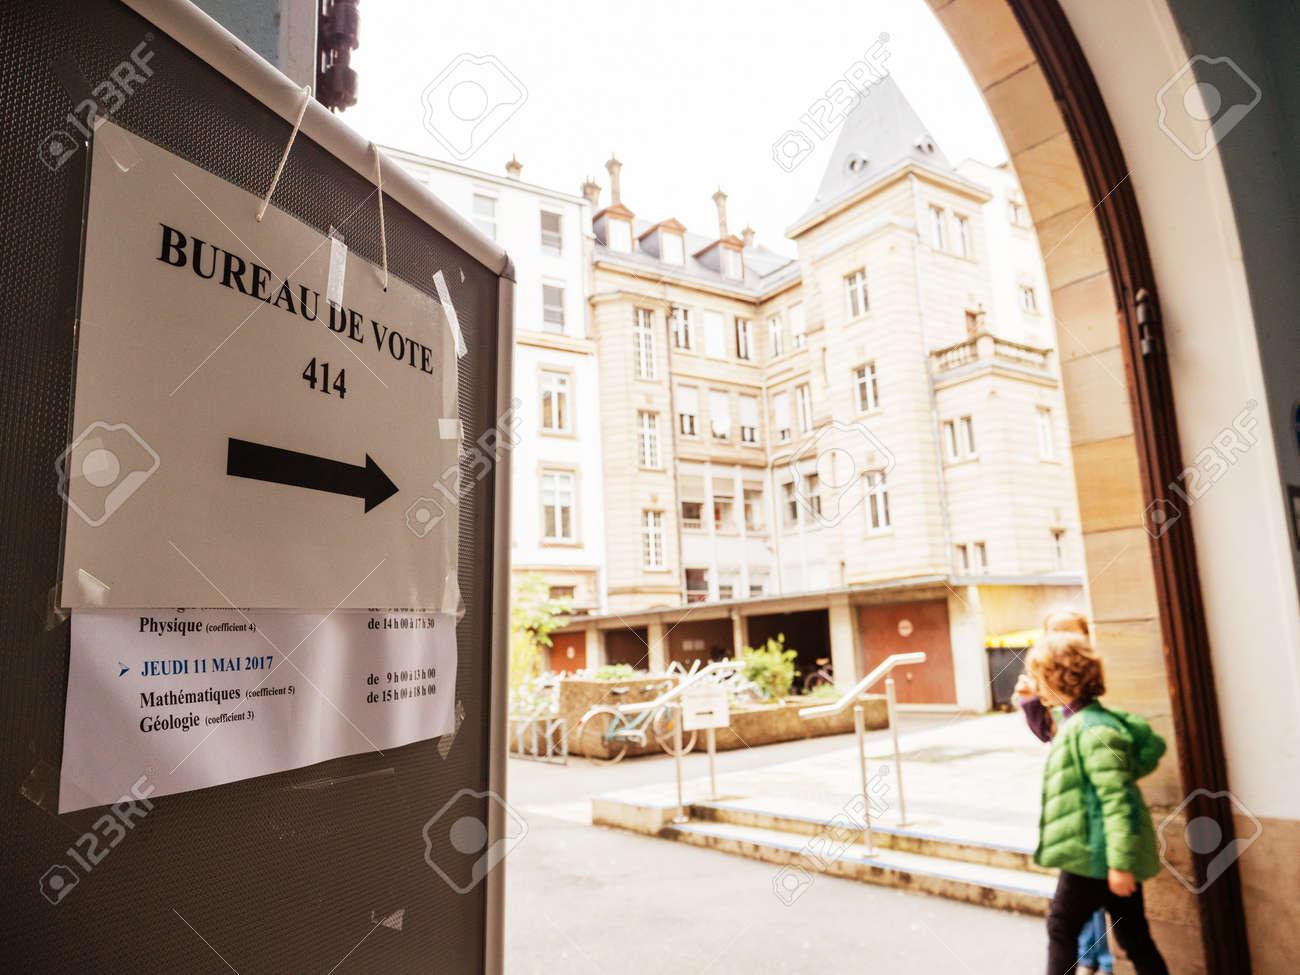 Chalon sur saône pour les élections les bureaux de vote seront